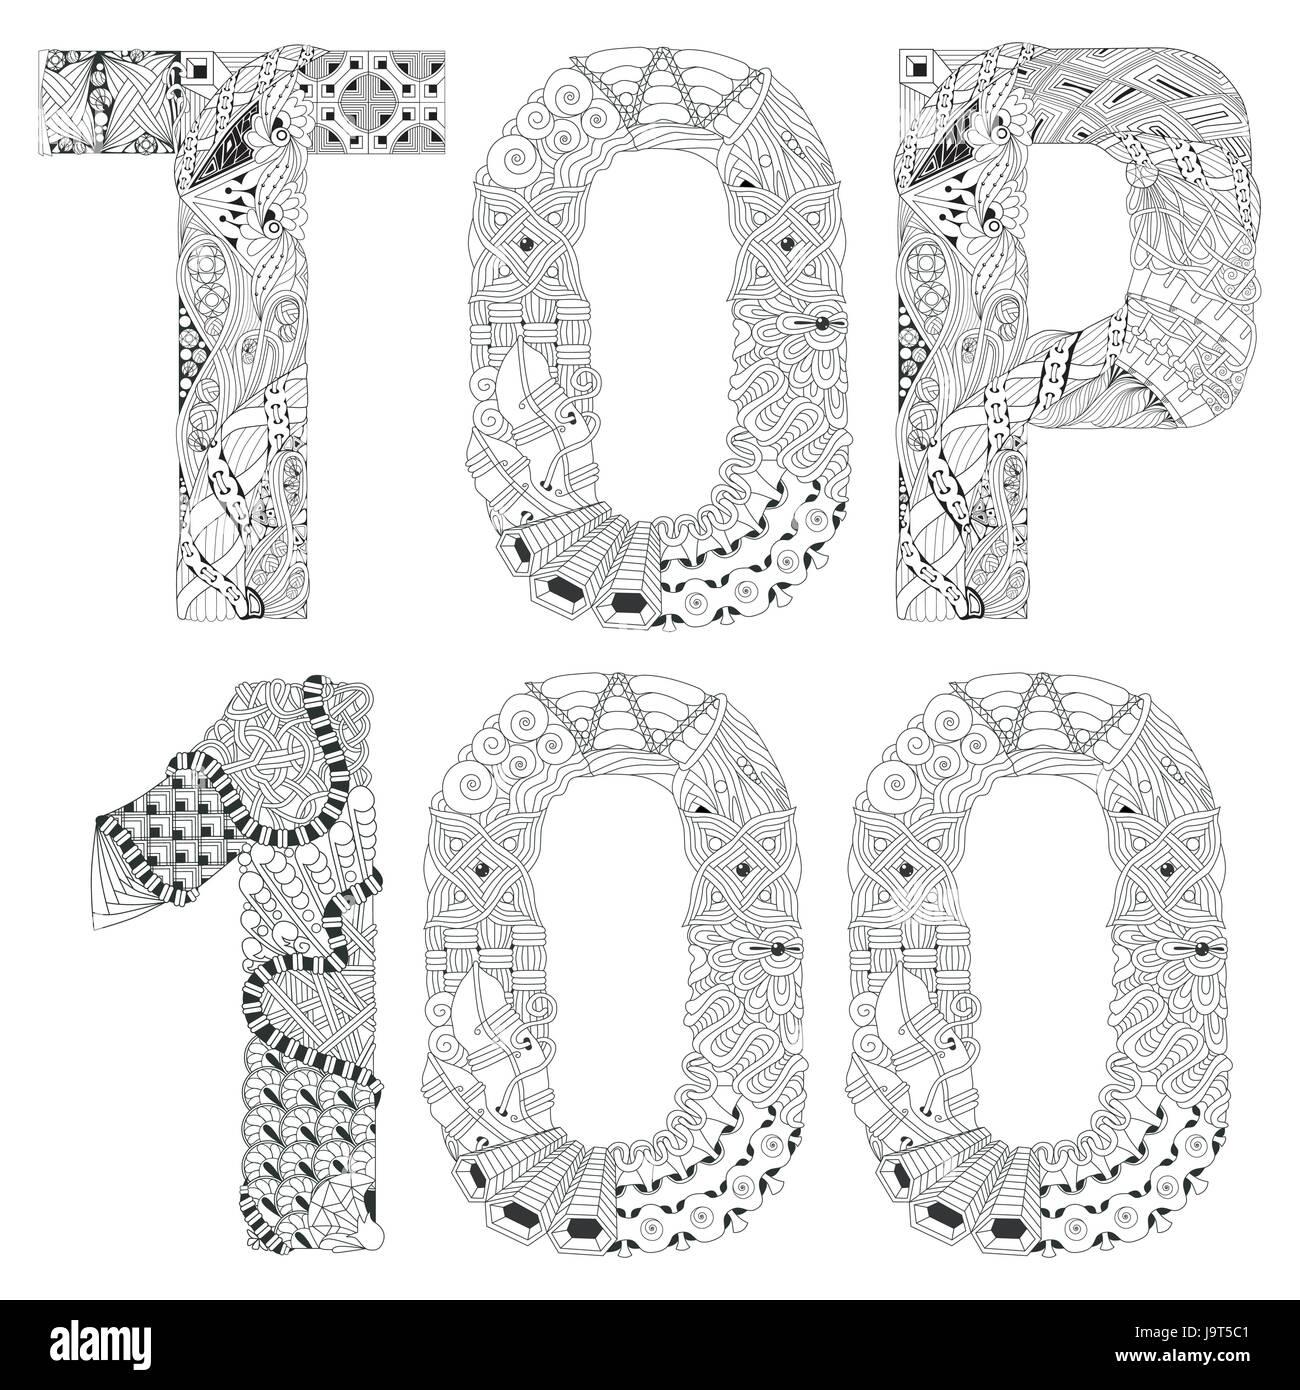 Numero 100 Imágenes De Stock Numero 100 Fotos De Stock Alamy